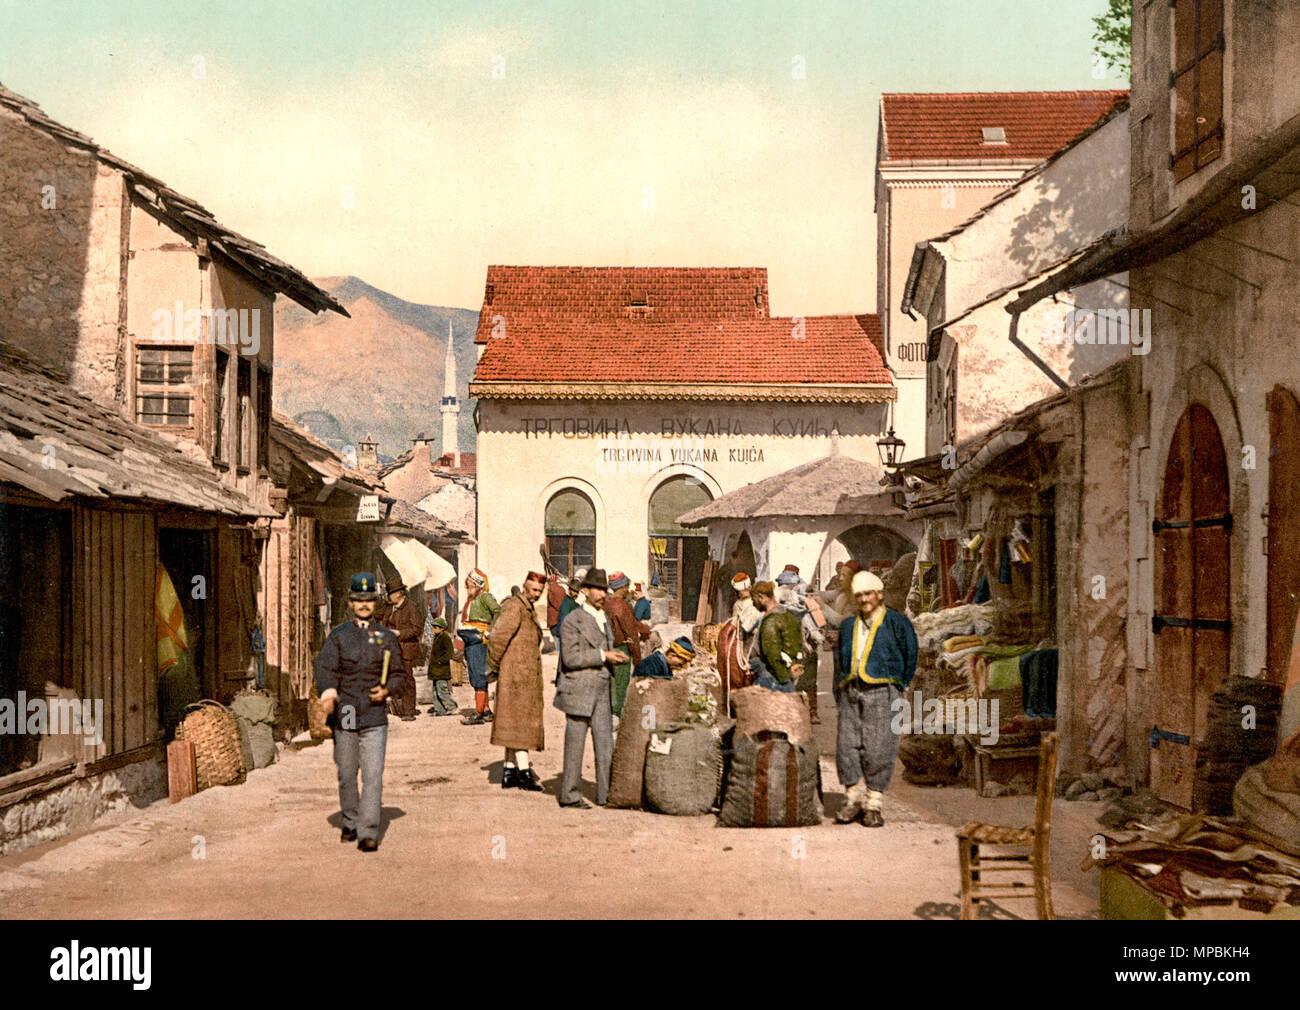 Mostar, Cafe Luft, Herzegowina, Austro-Hungary - Stock Image